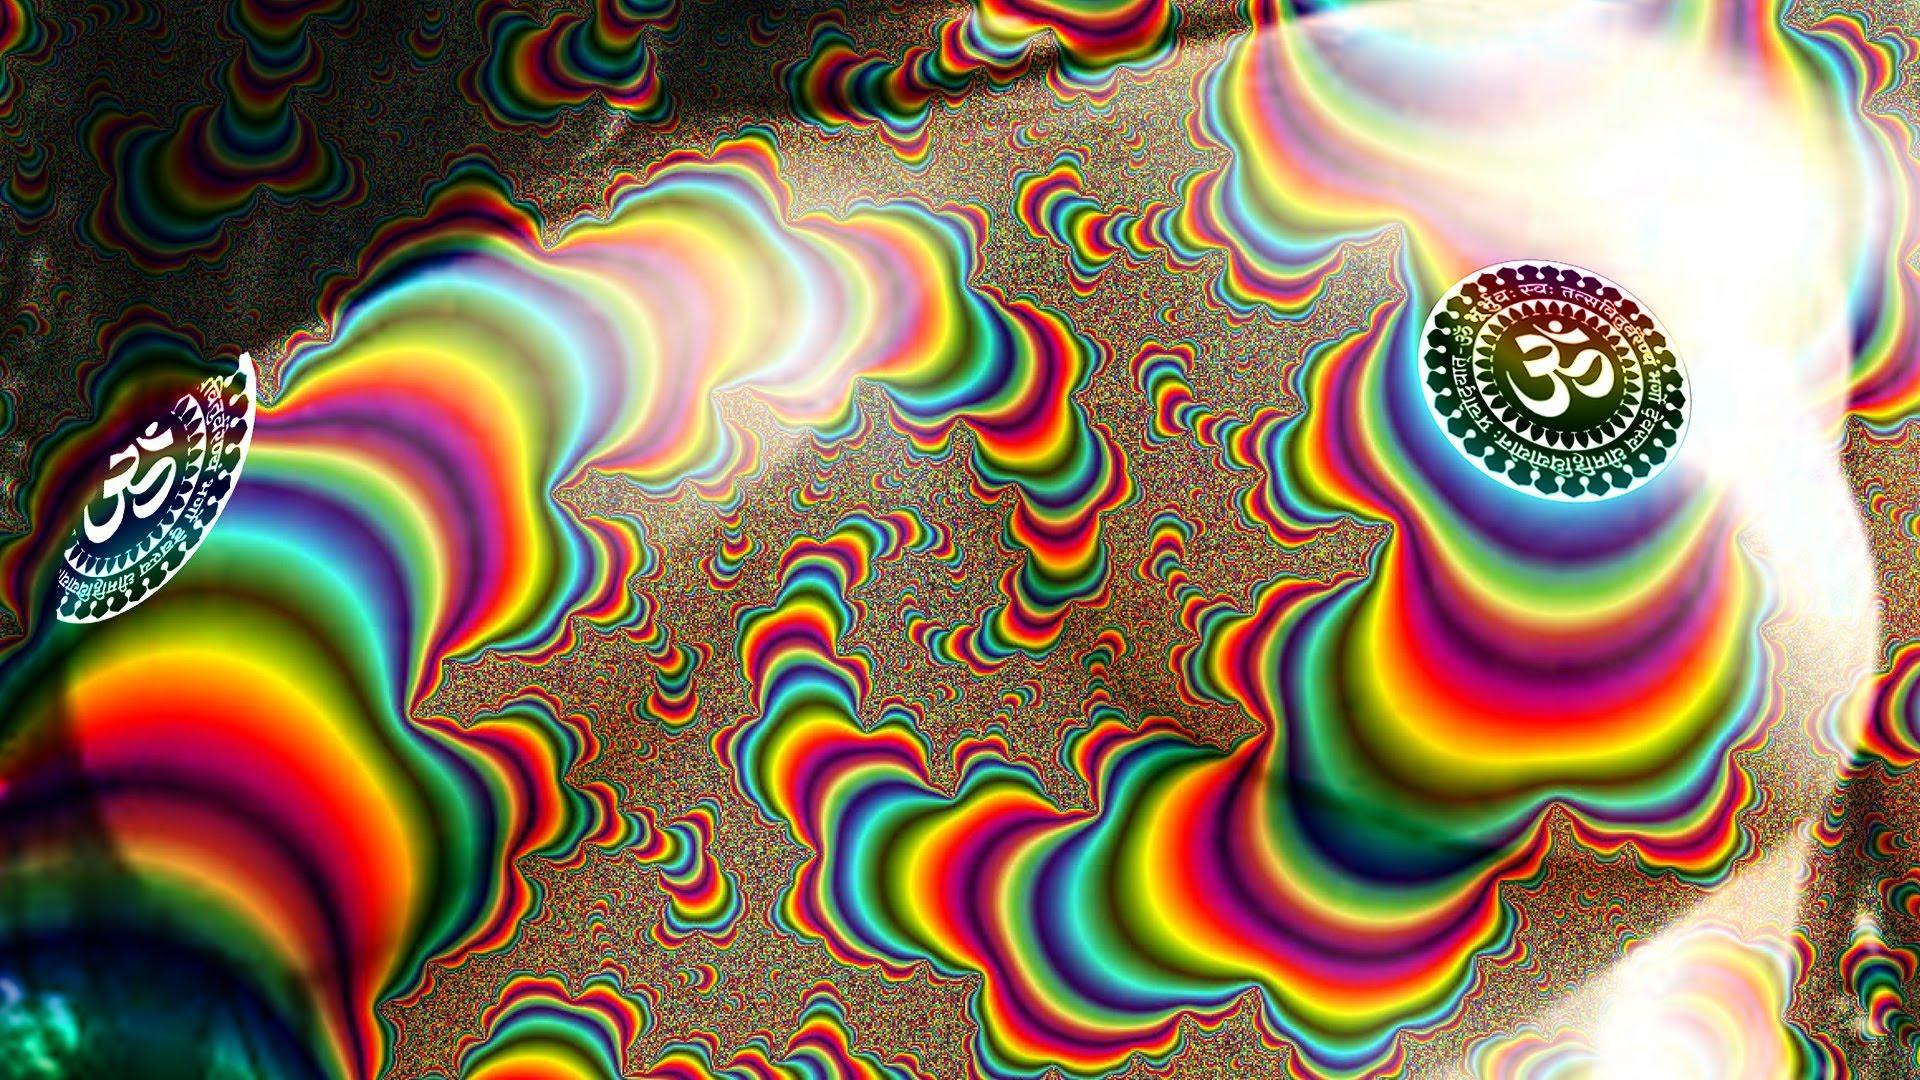 Trippy Background Visuals